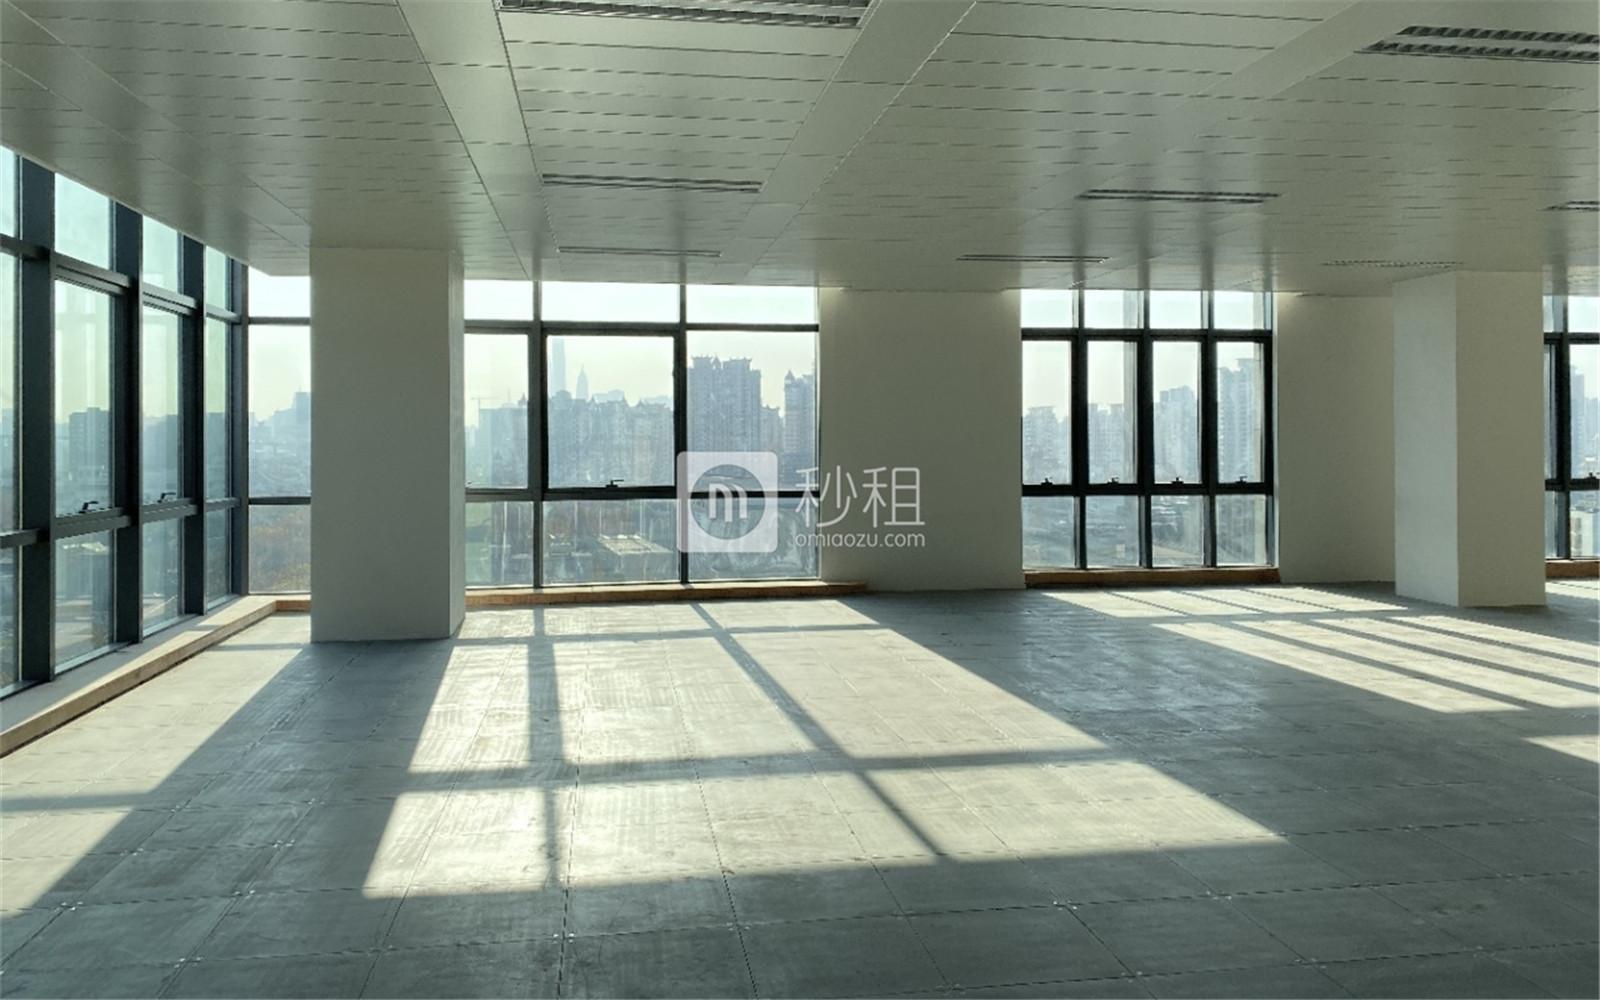 杨浦-平凉/杨浦外滩 ENJOY趣办-文通国际广场(文通东外滩中心) 313m²